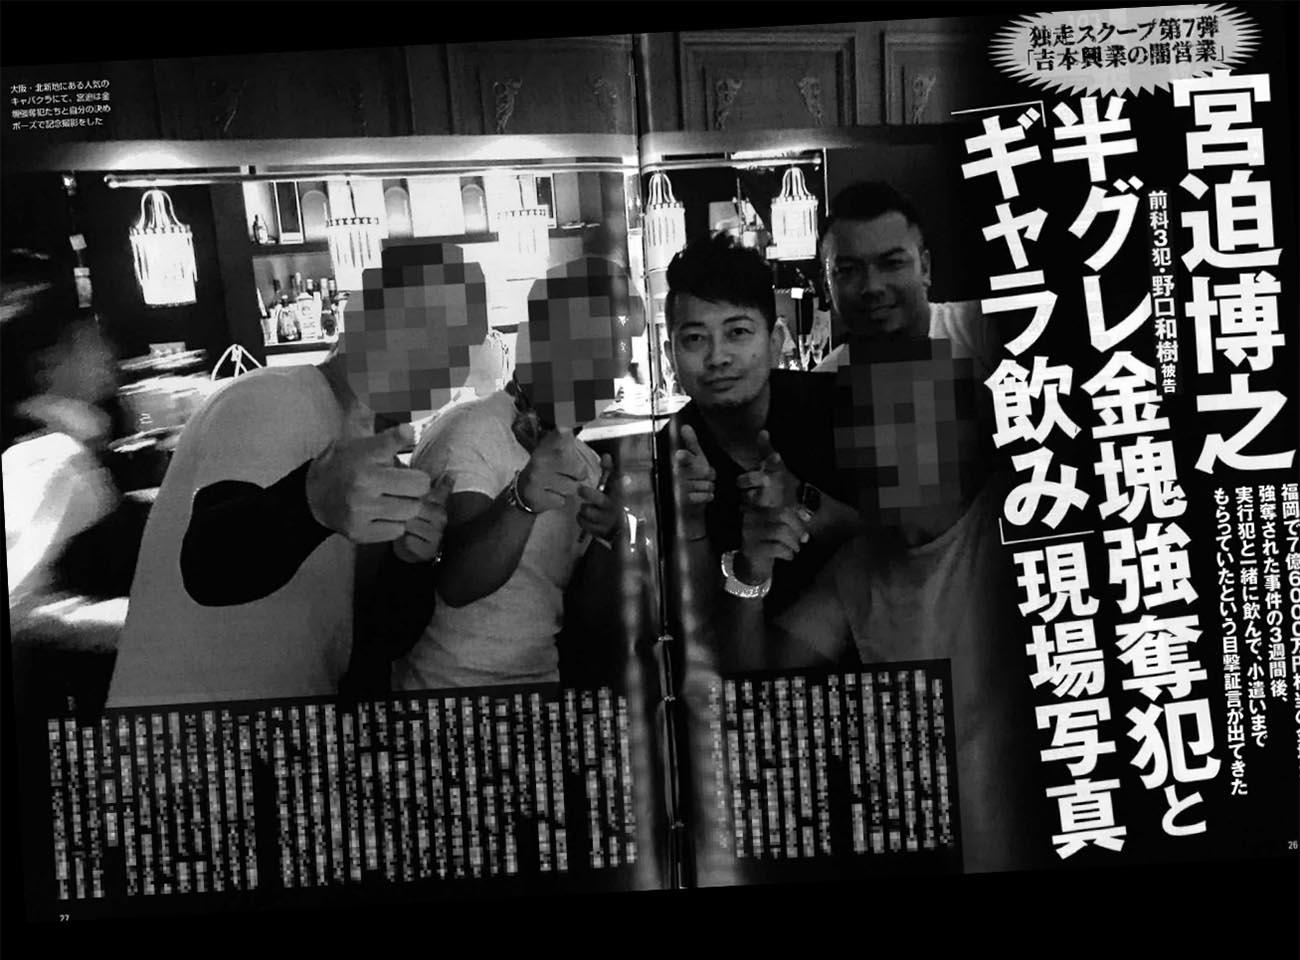 手越フライデー 【画像】手越祐也フライデー写真!ジャニー喜多川死去前日ドンチャン騒ぎ!